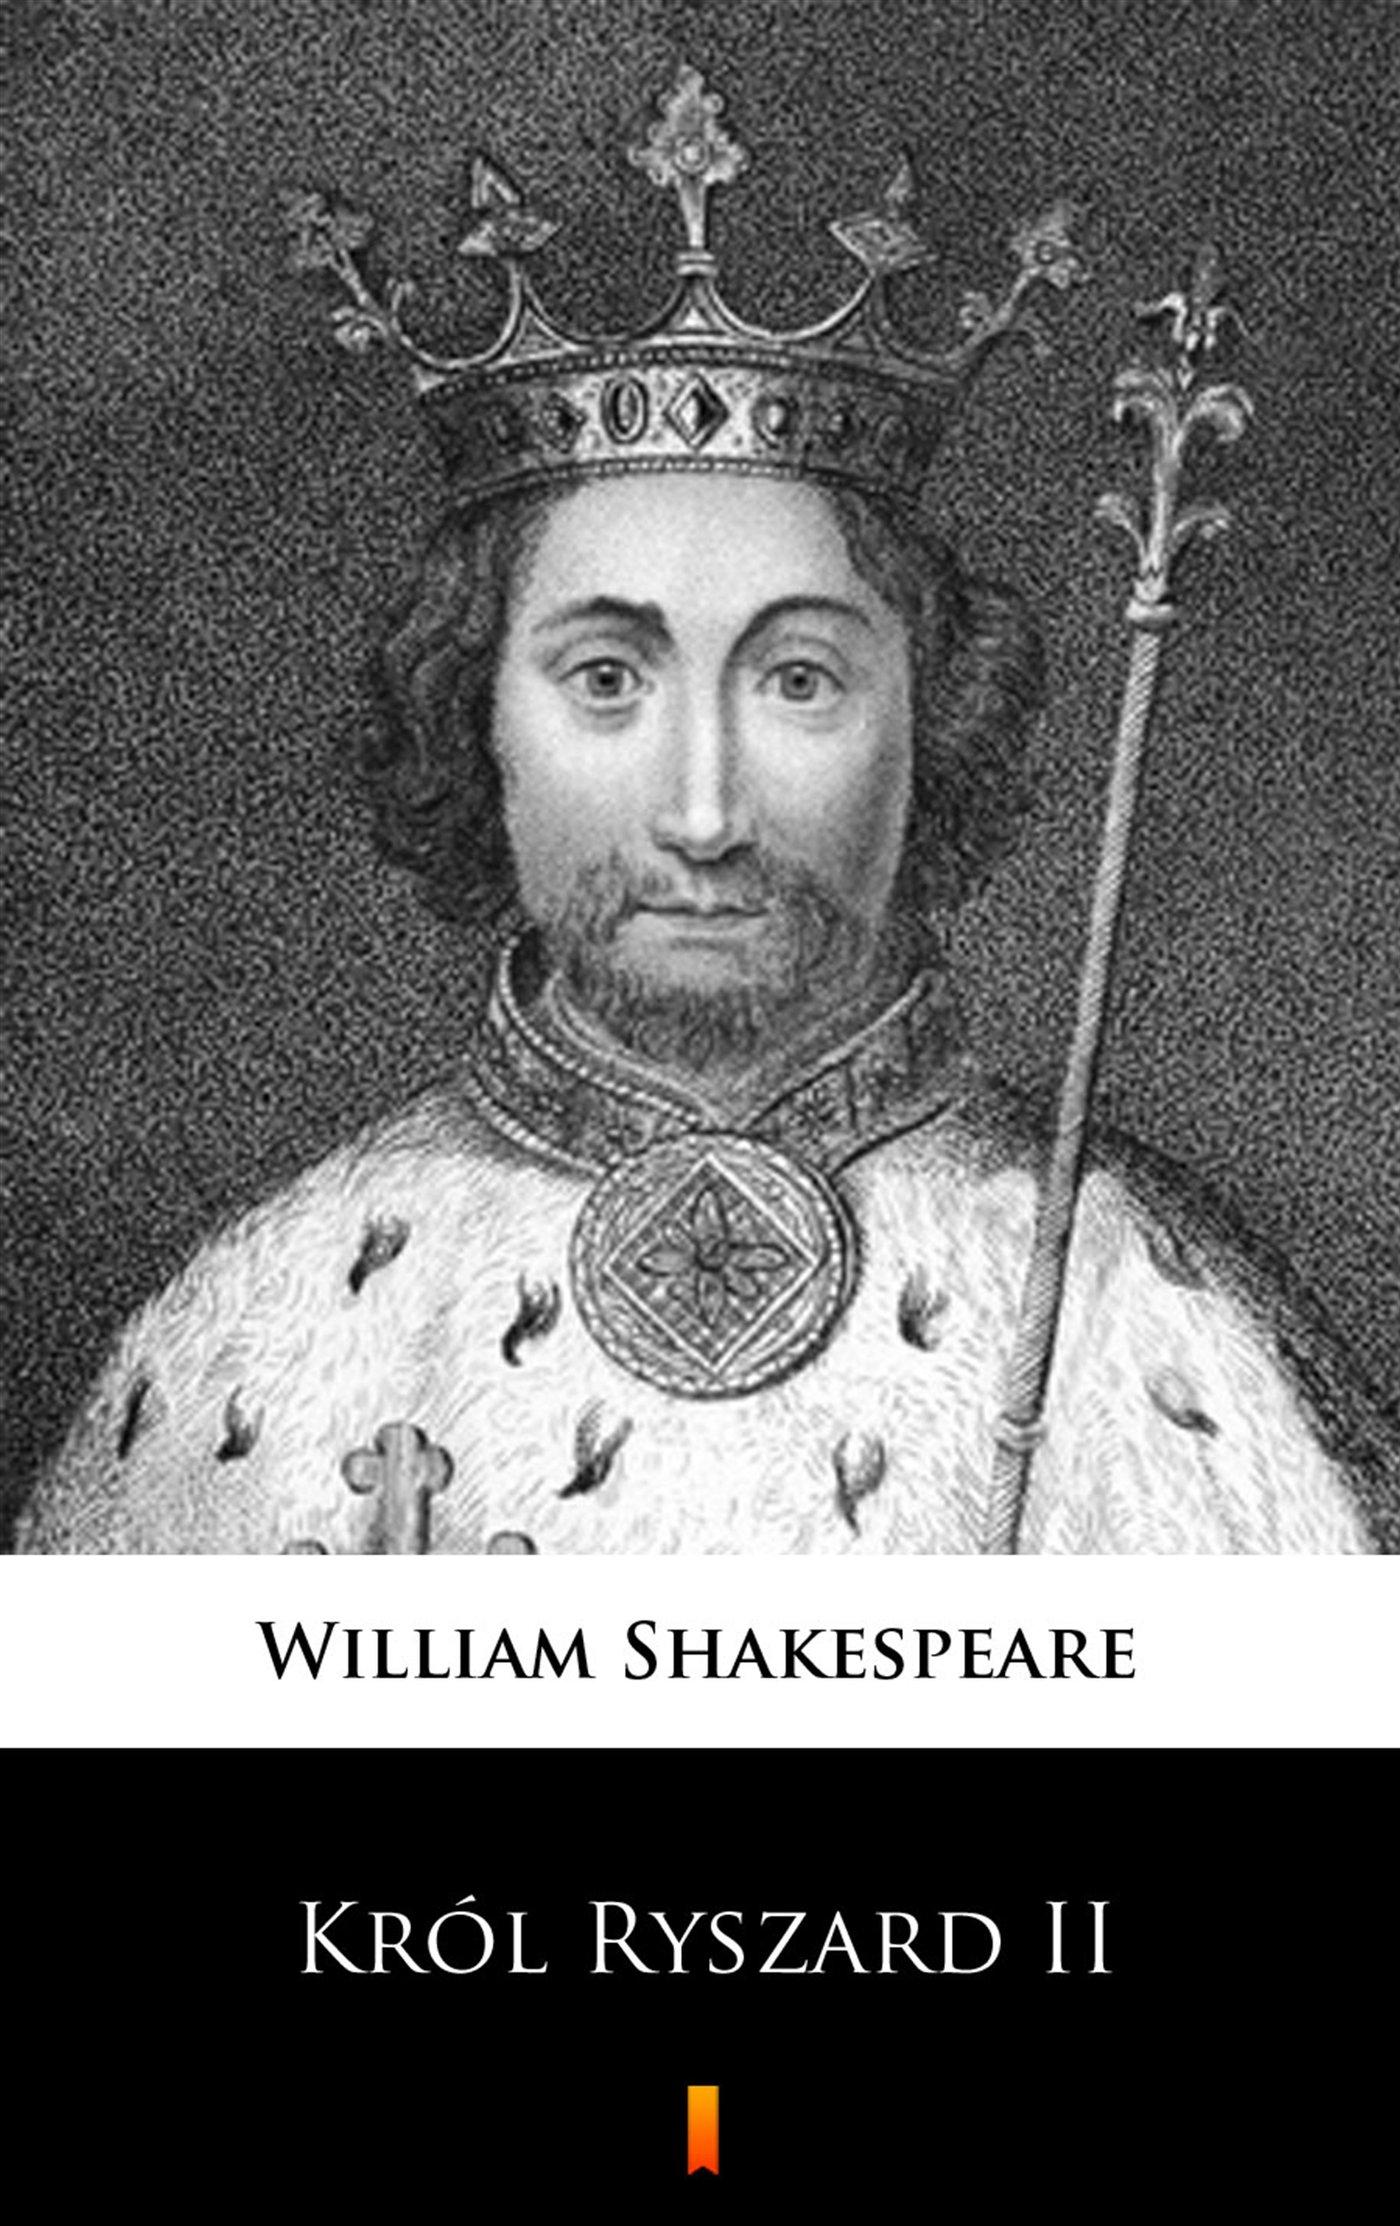 Król Ryszard II - Ebook (Książka EPUB) do pobrania w formacie EPUB